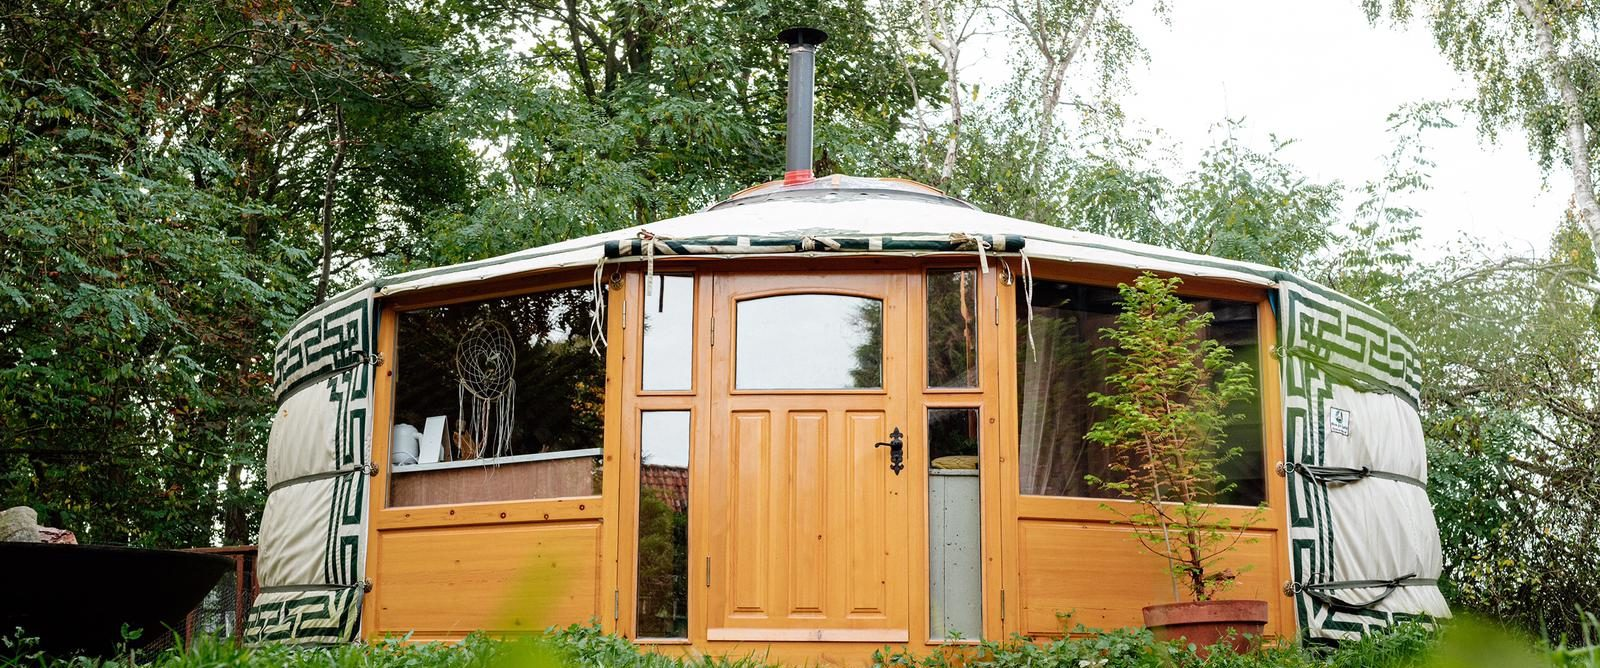 De Yurt in de buurt van Breda